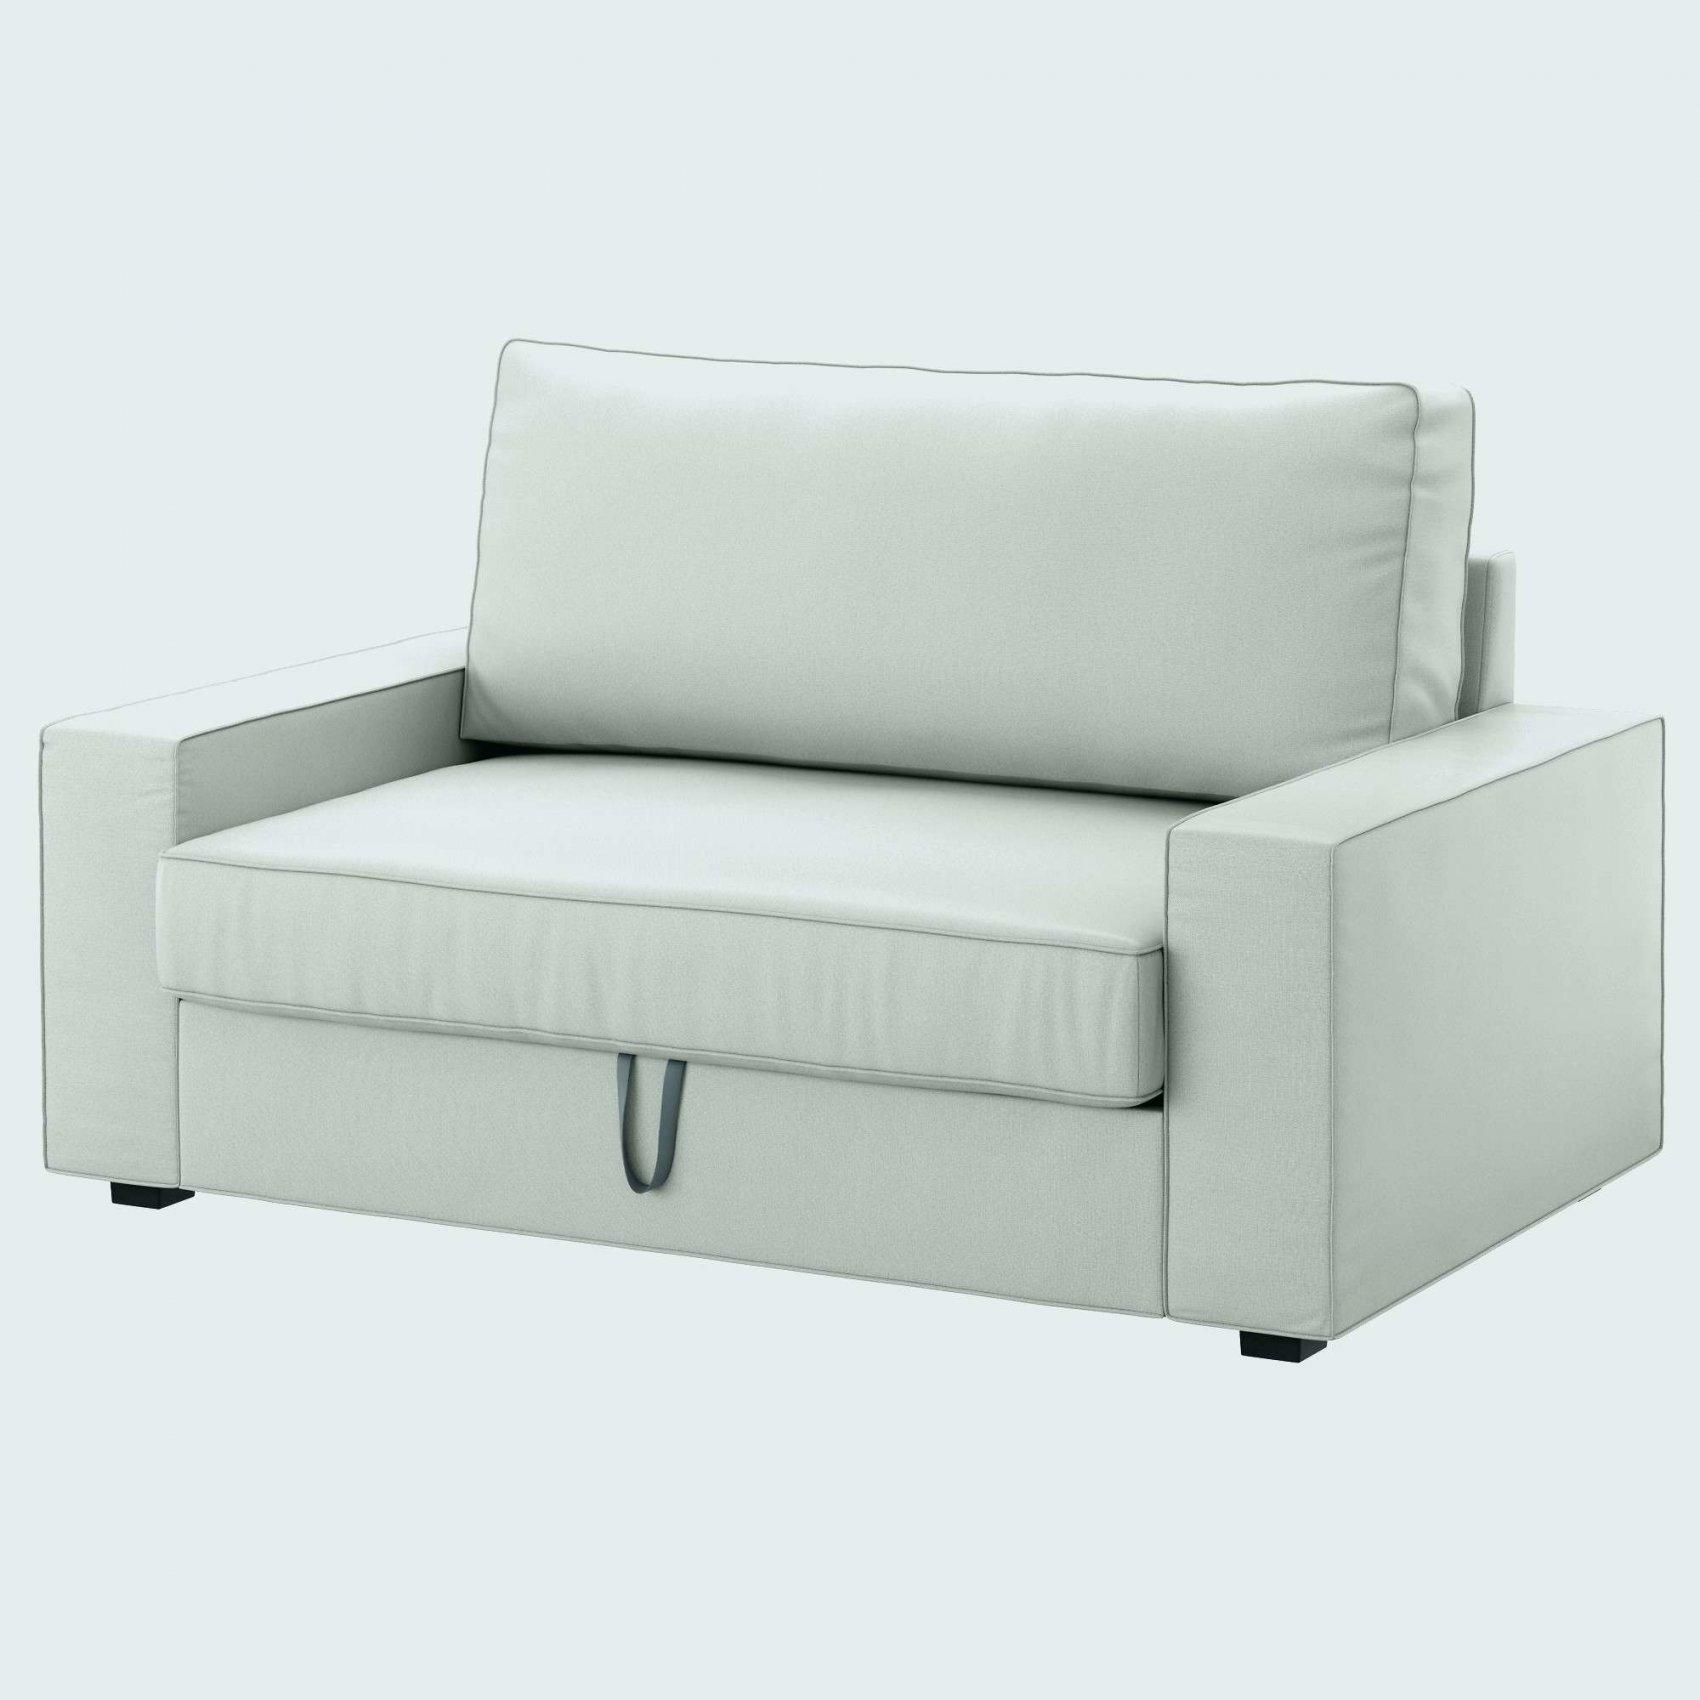 Parquet Flottant Ikea Pas Cher canapé lit 160×200 canapé lit 160×200 ikea canap lit ma17